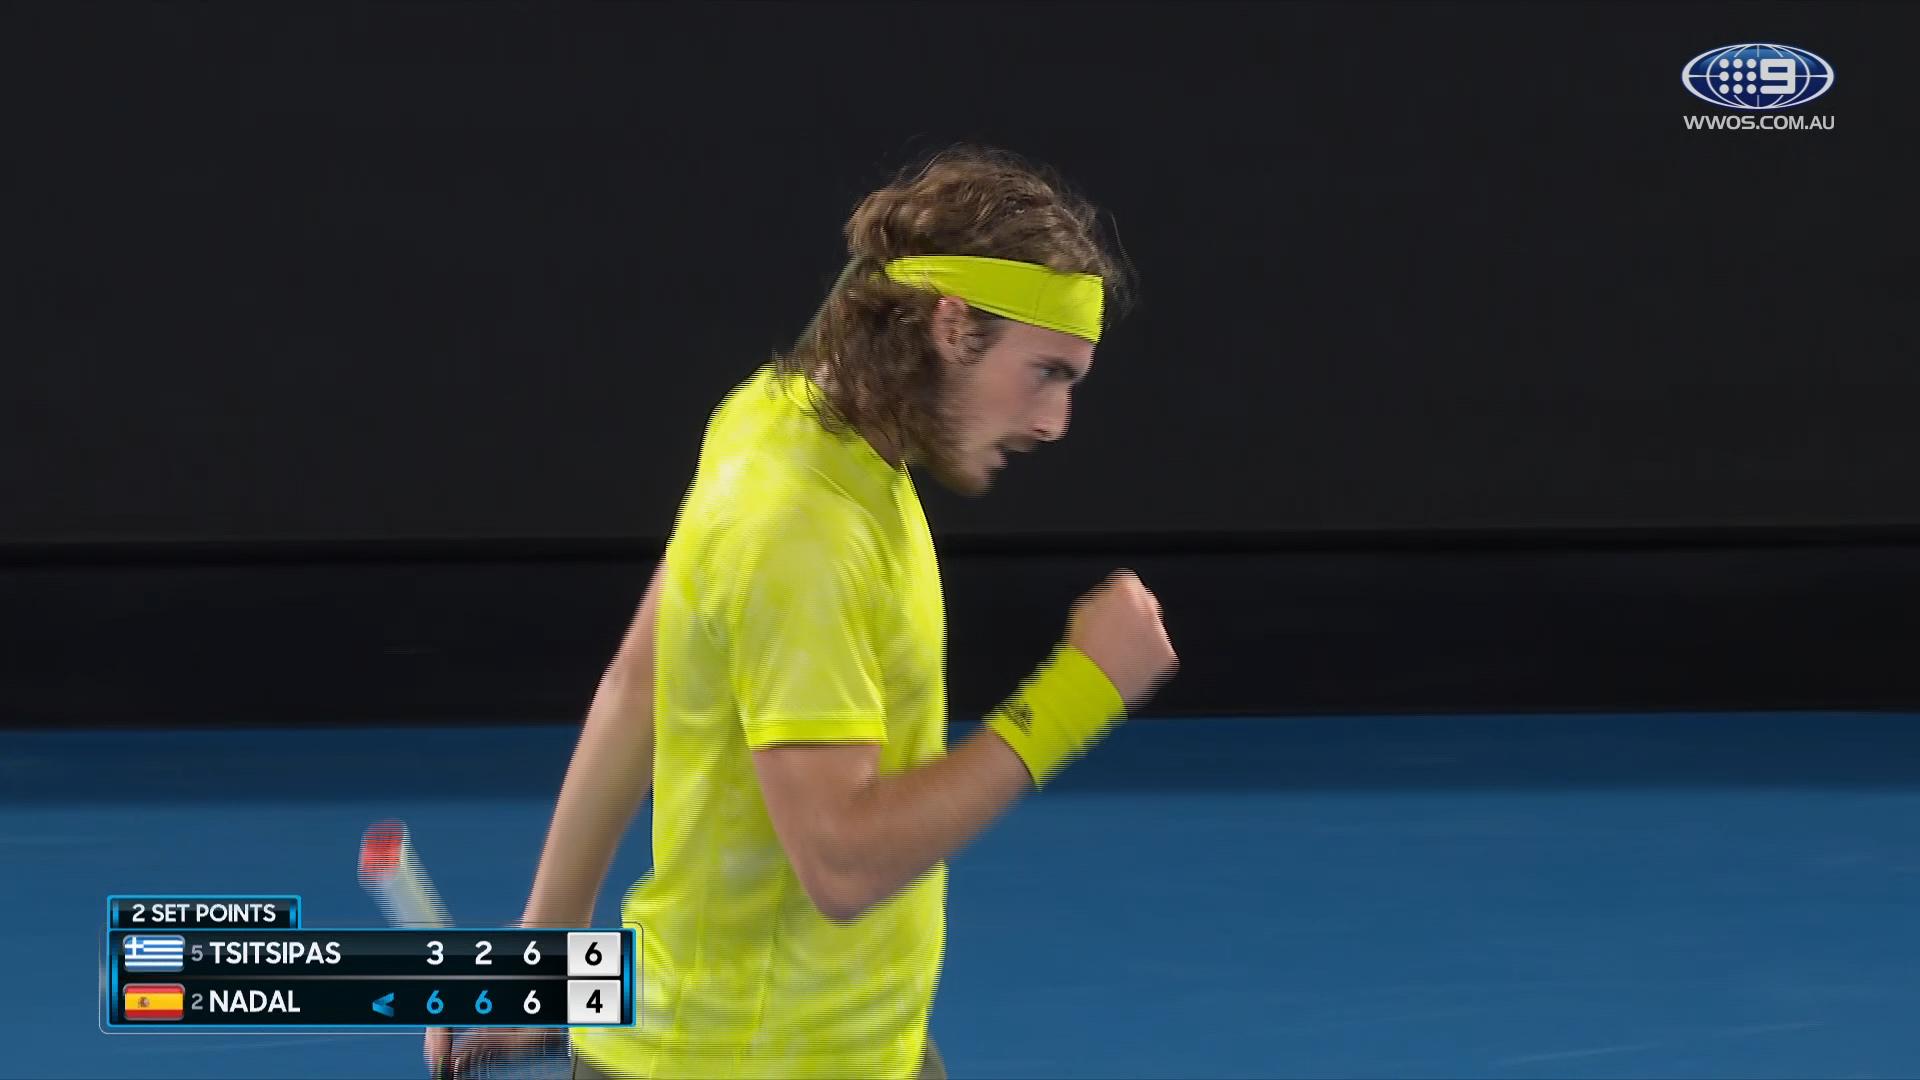 Australian Open: Rafael Nadal v Stefanos Tsitsipas